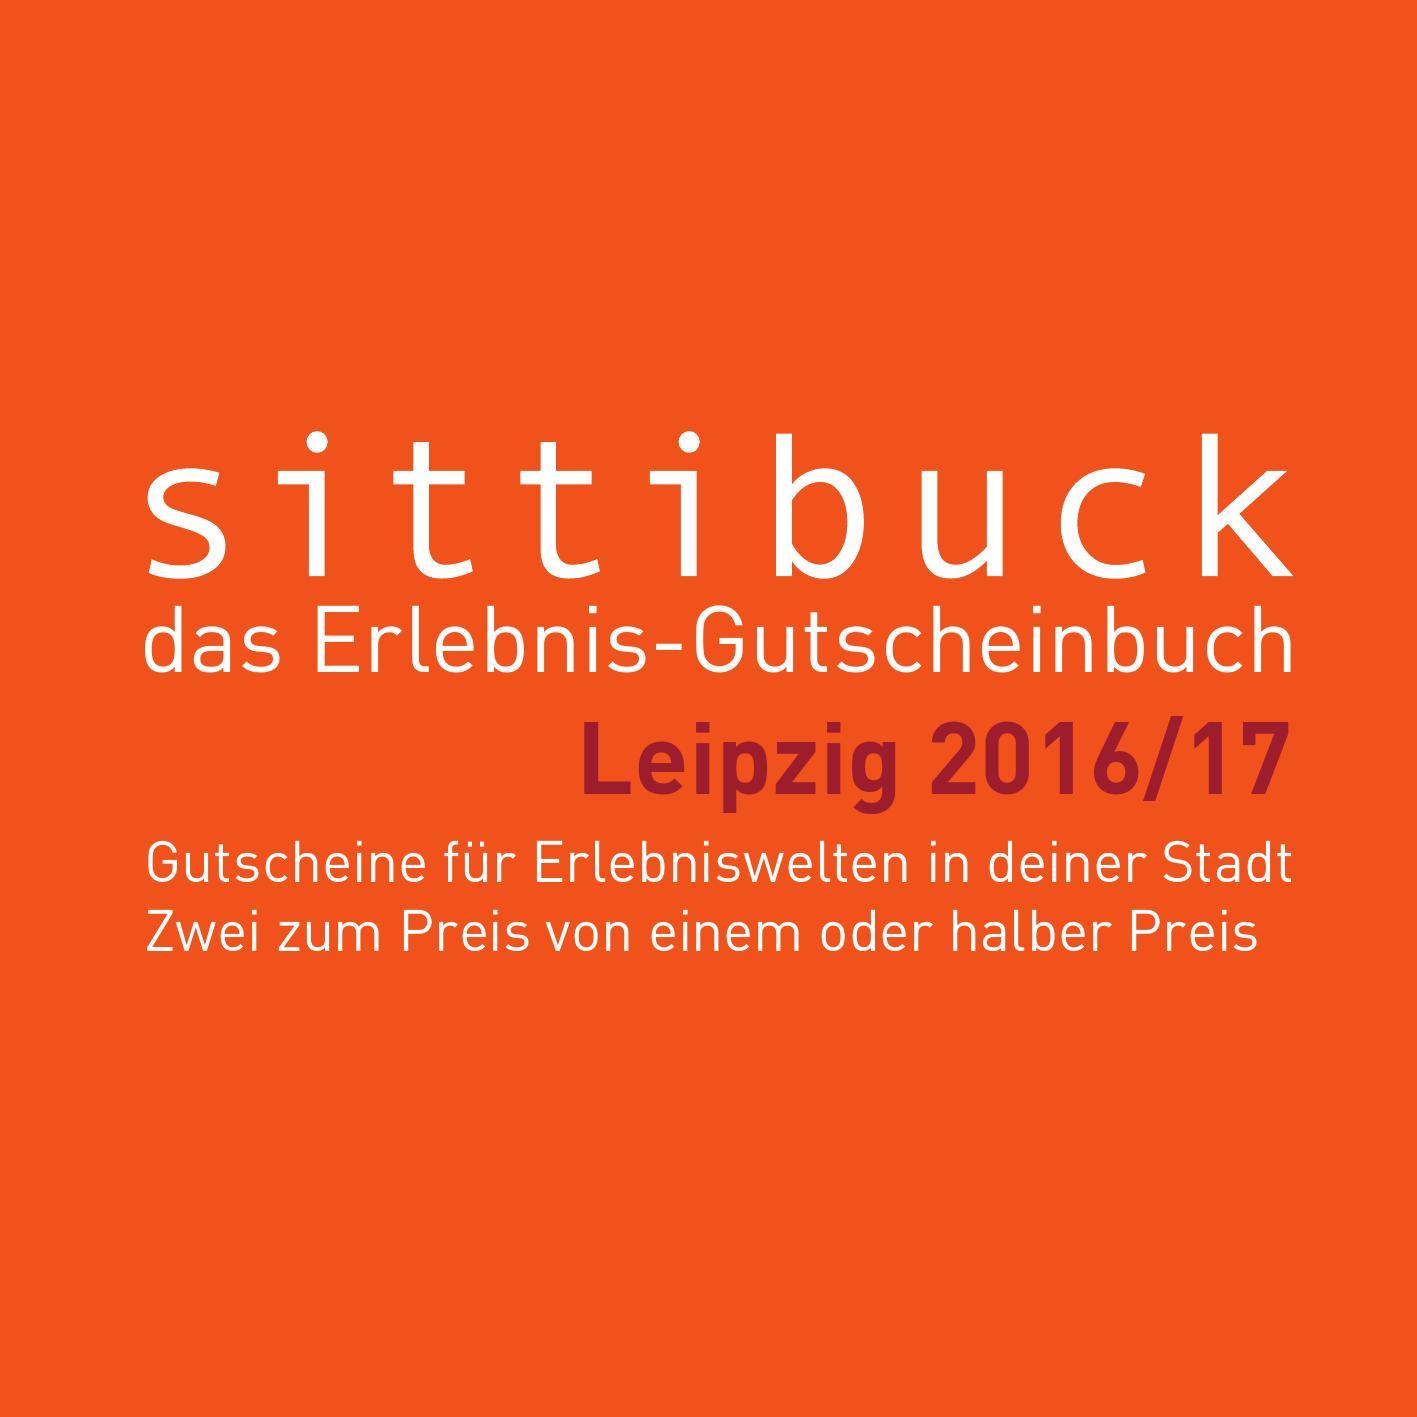 Bodystreet Preise 10er Karte.Sittibuck 2016 17 Das Erlebnis Gutscheinbuch Für Leipzig By